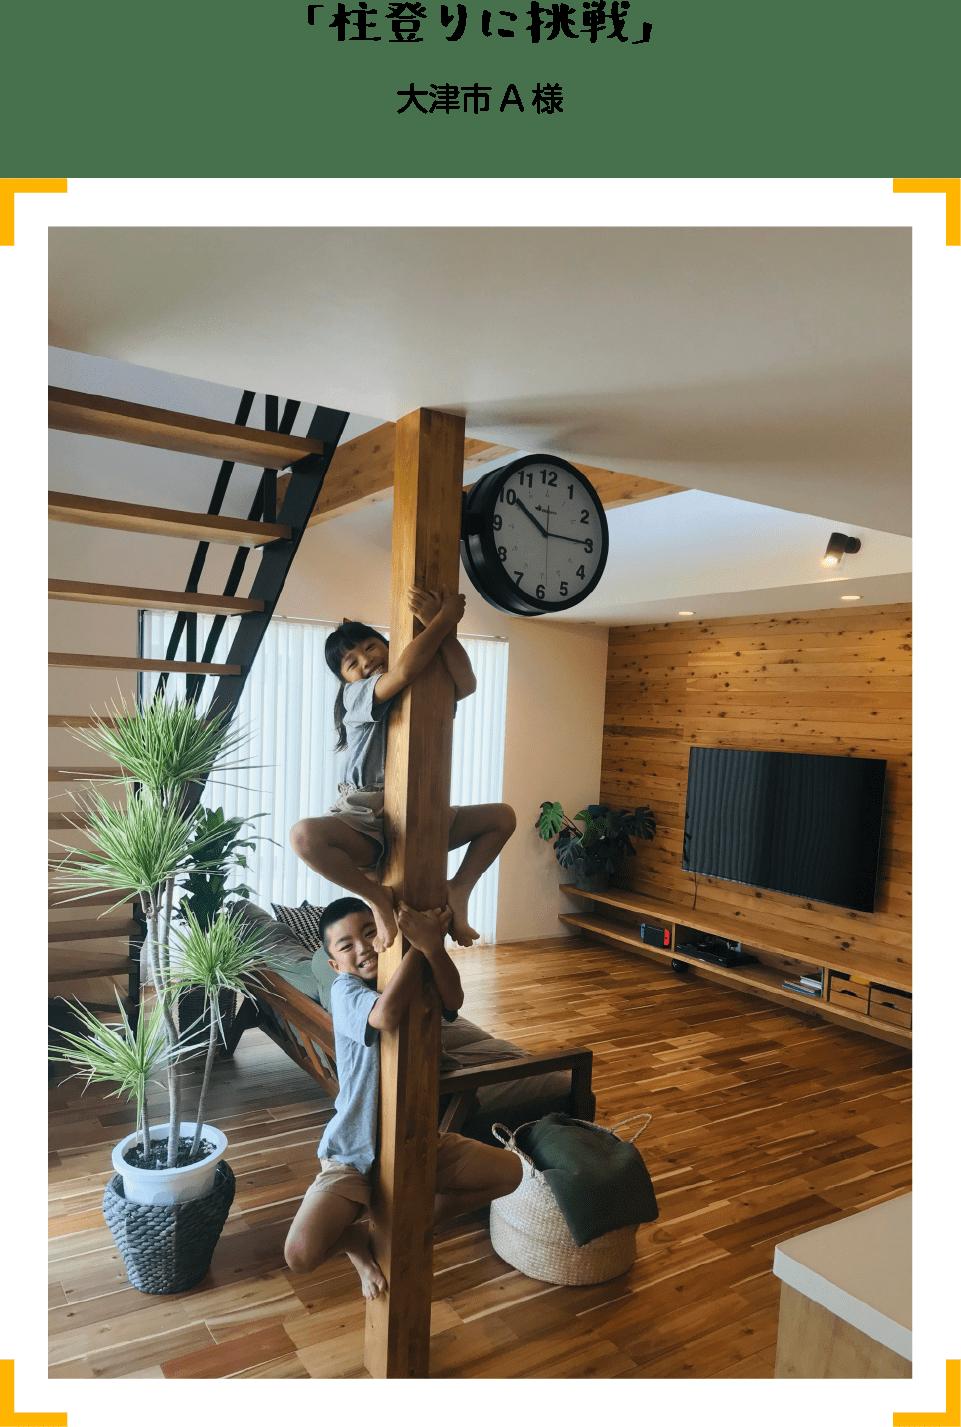 銀賞 「柱登りに挑戦」